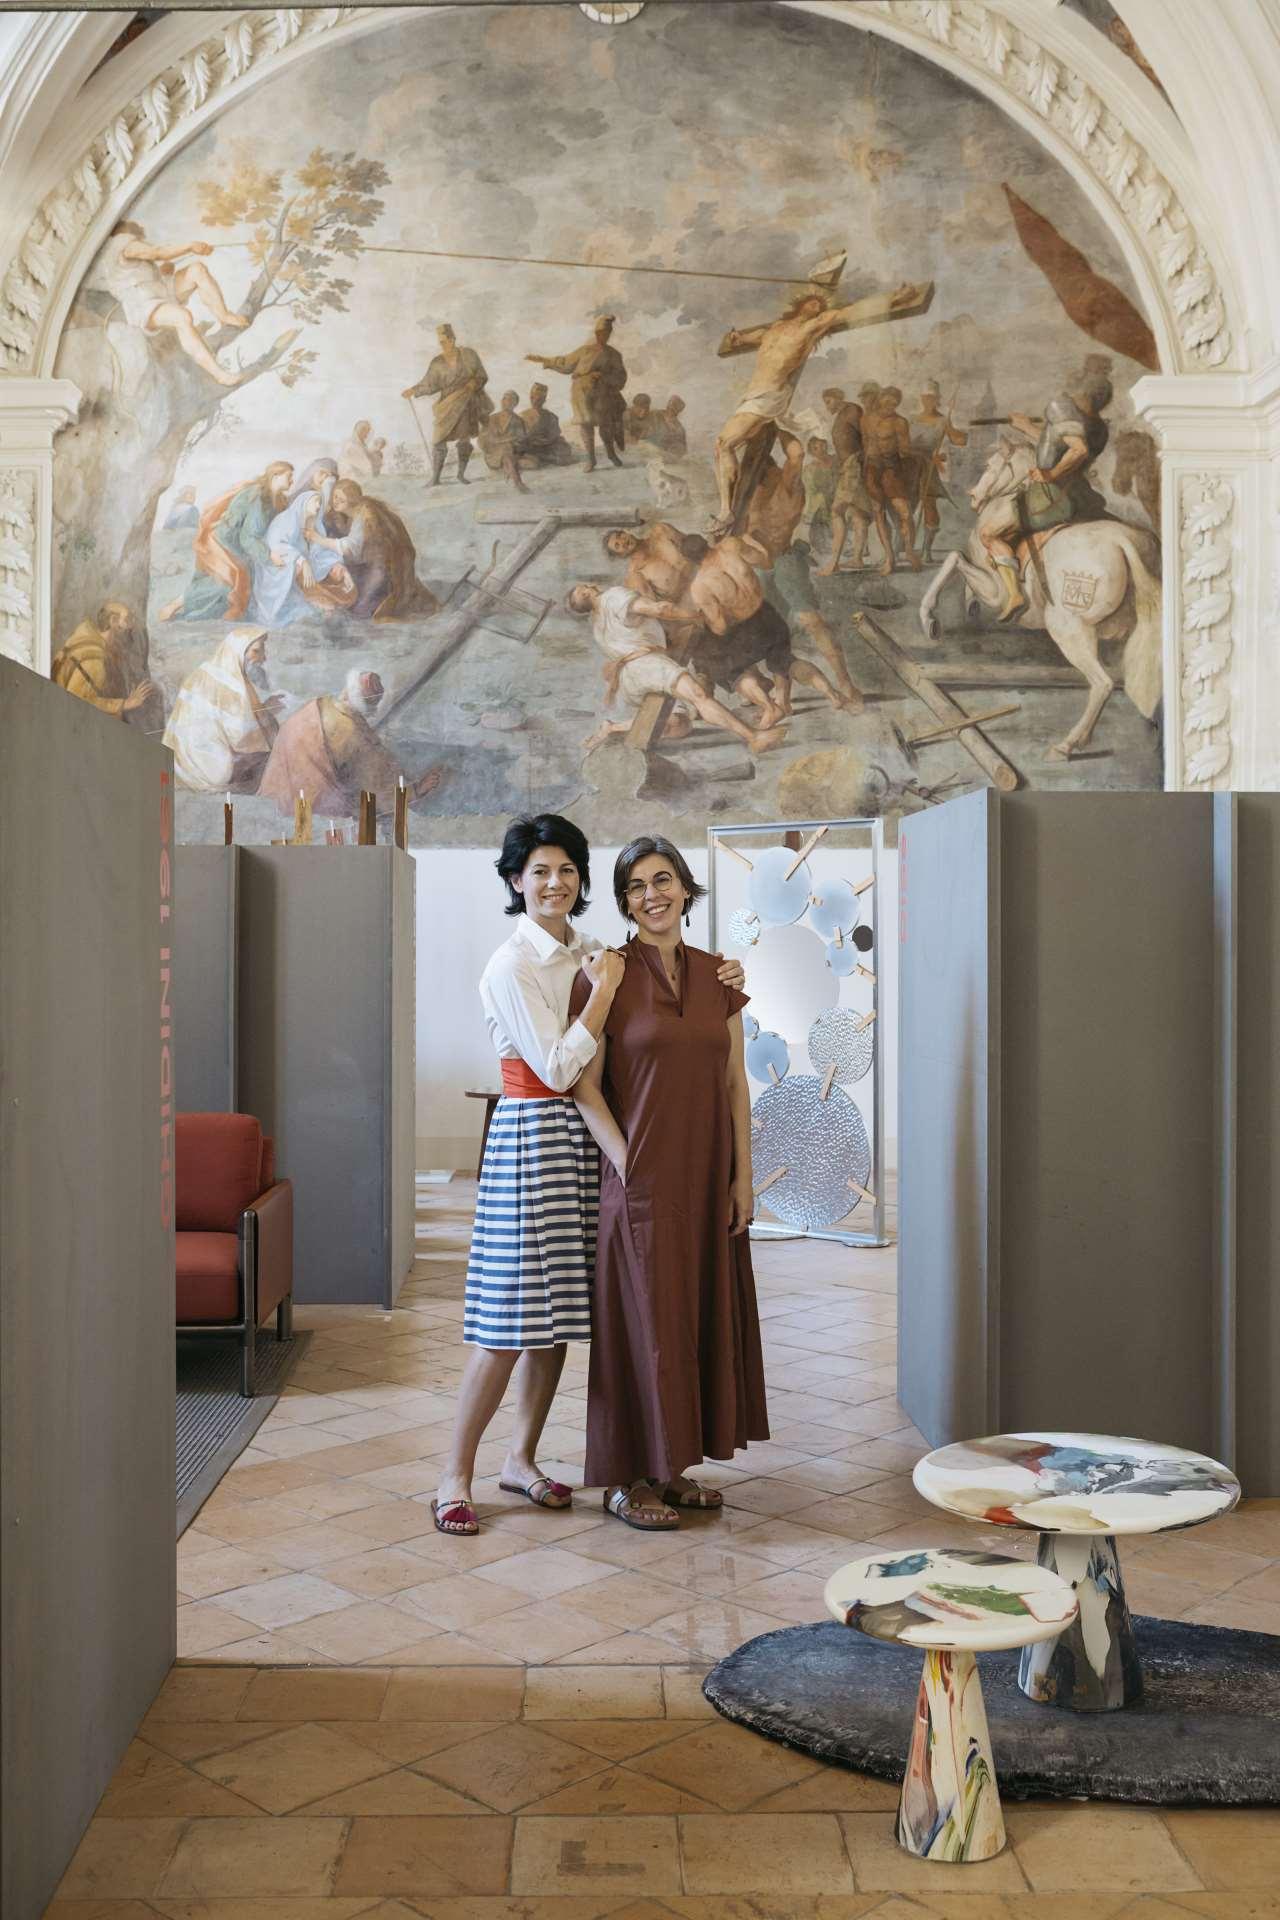 Emilia Petruccelli and Domitilla Dardiphotographed in the Sala del Capitolo. Photo © Lea Anouchinsky.